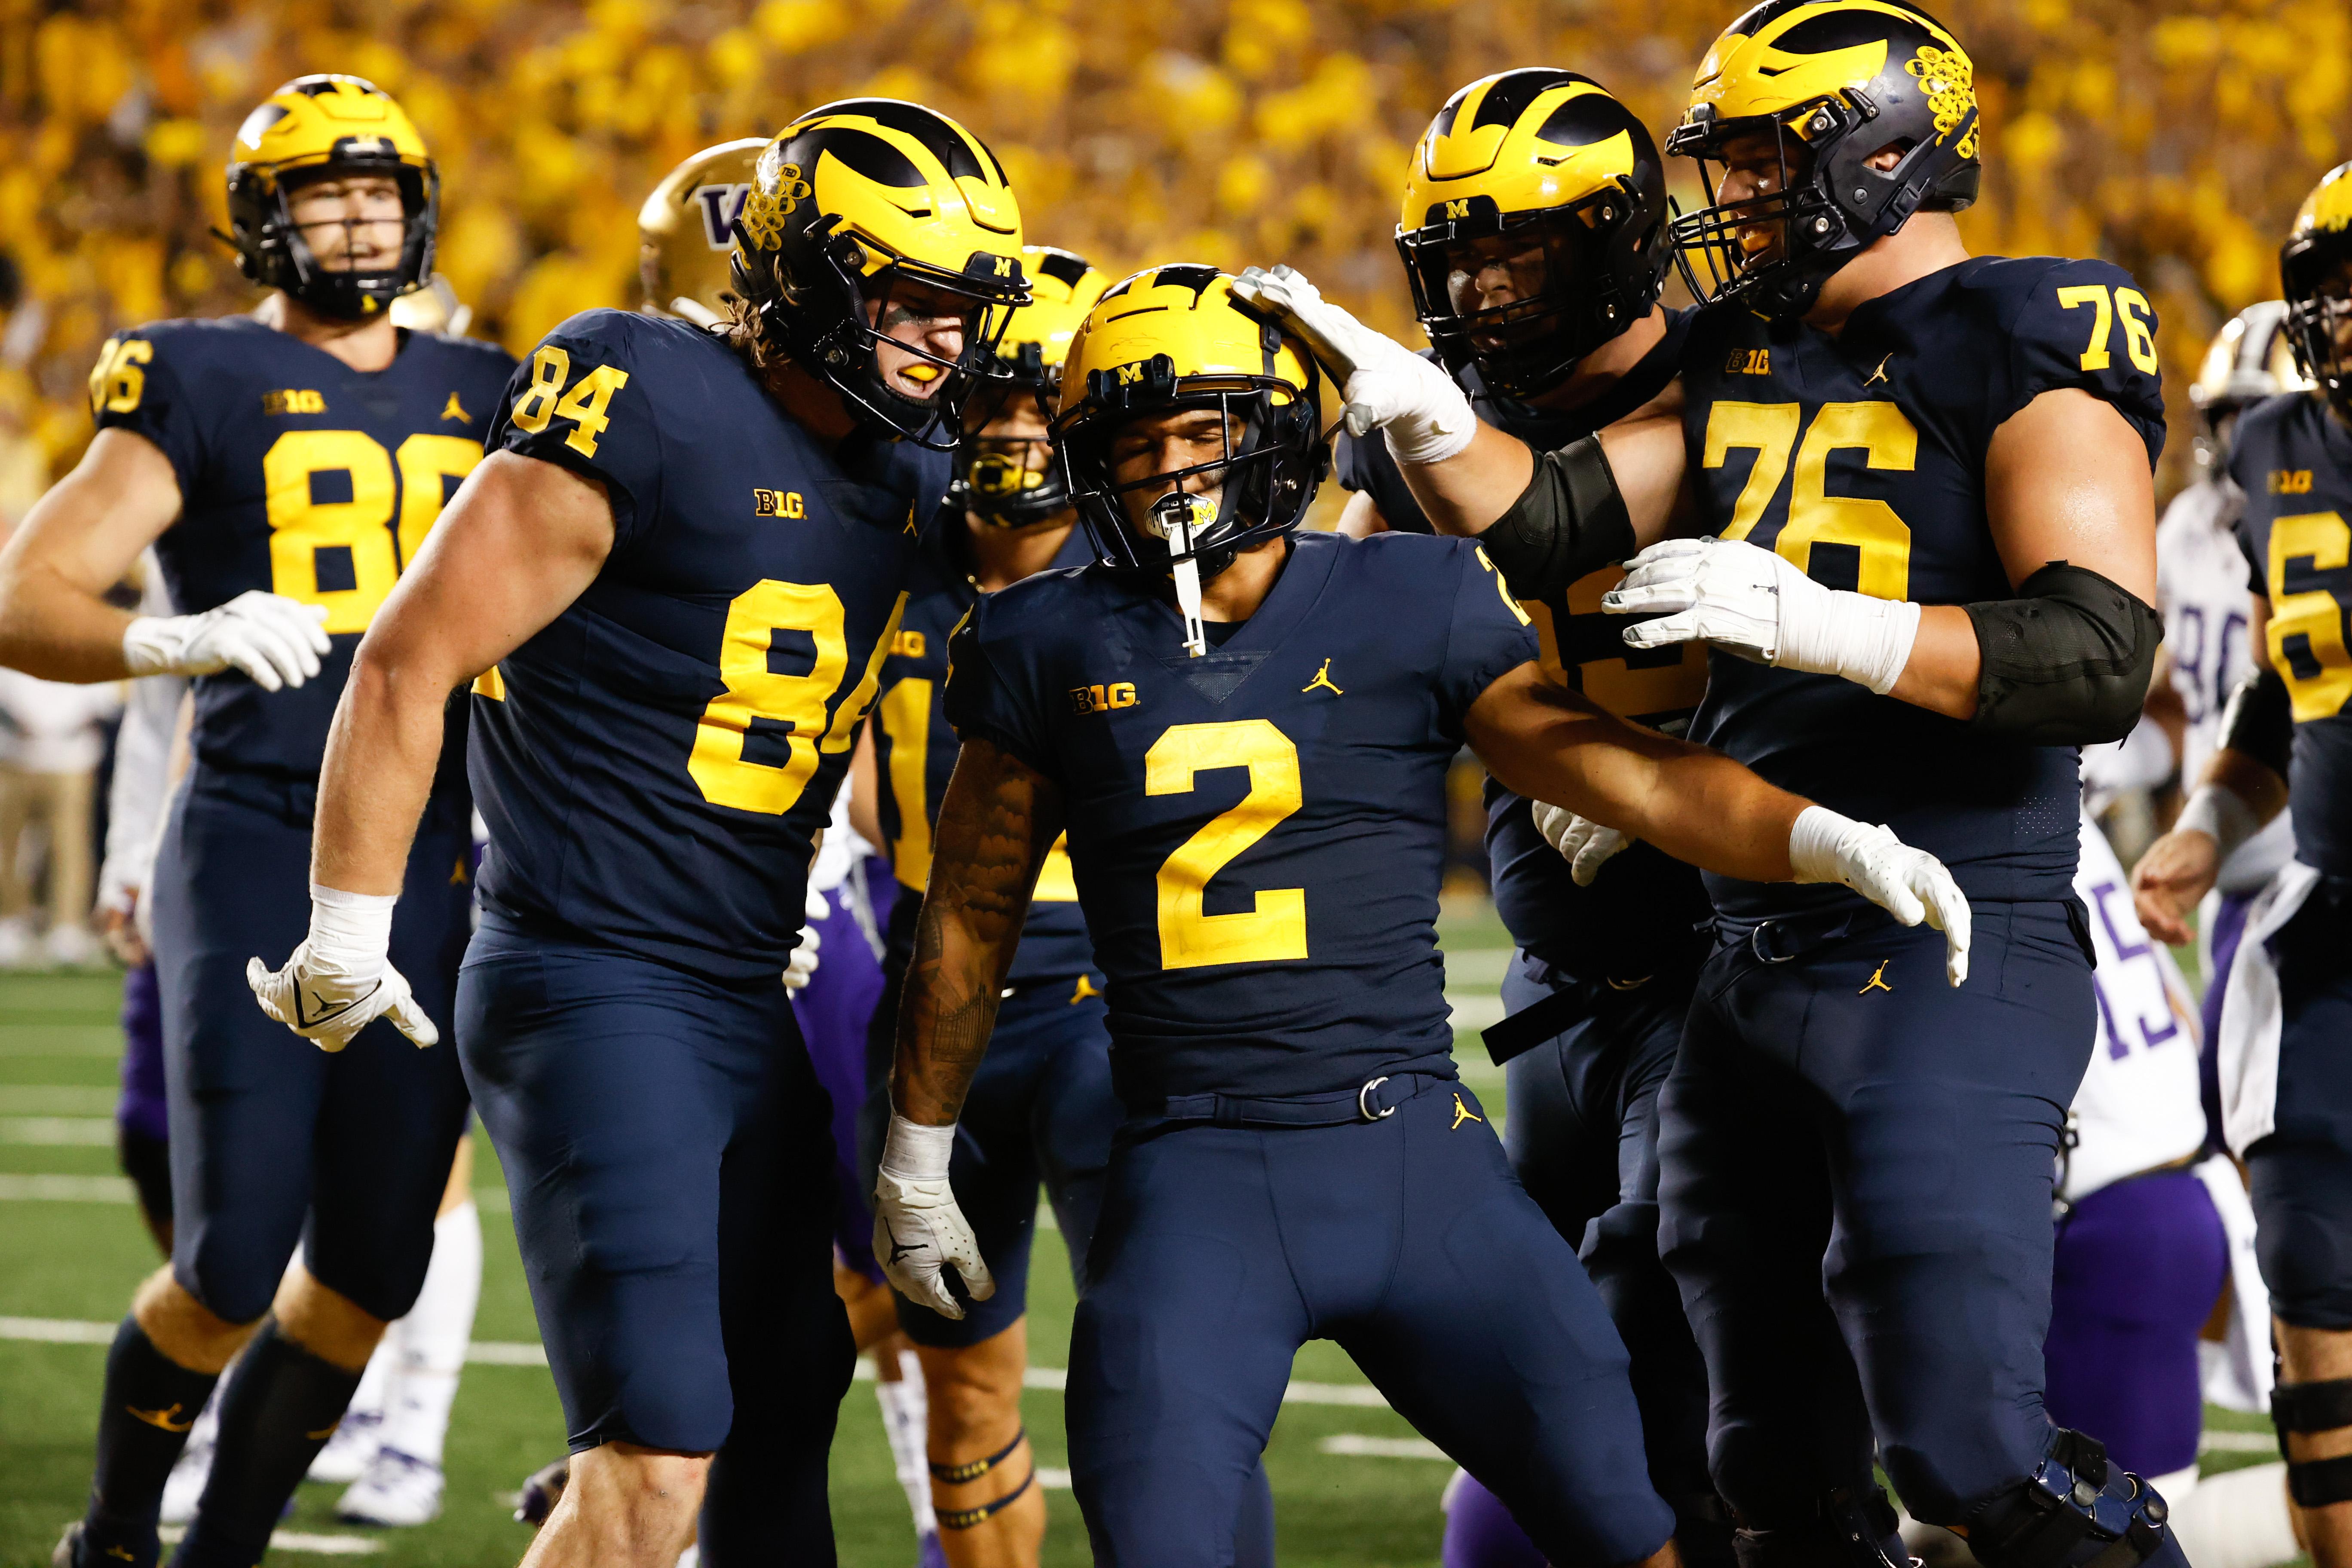 NCAA Football: Washington at Michigan